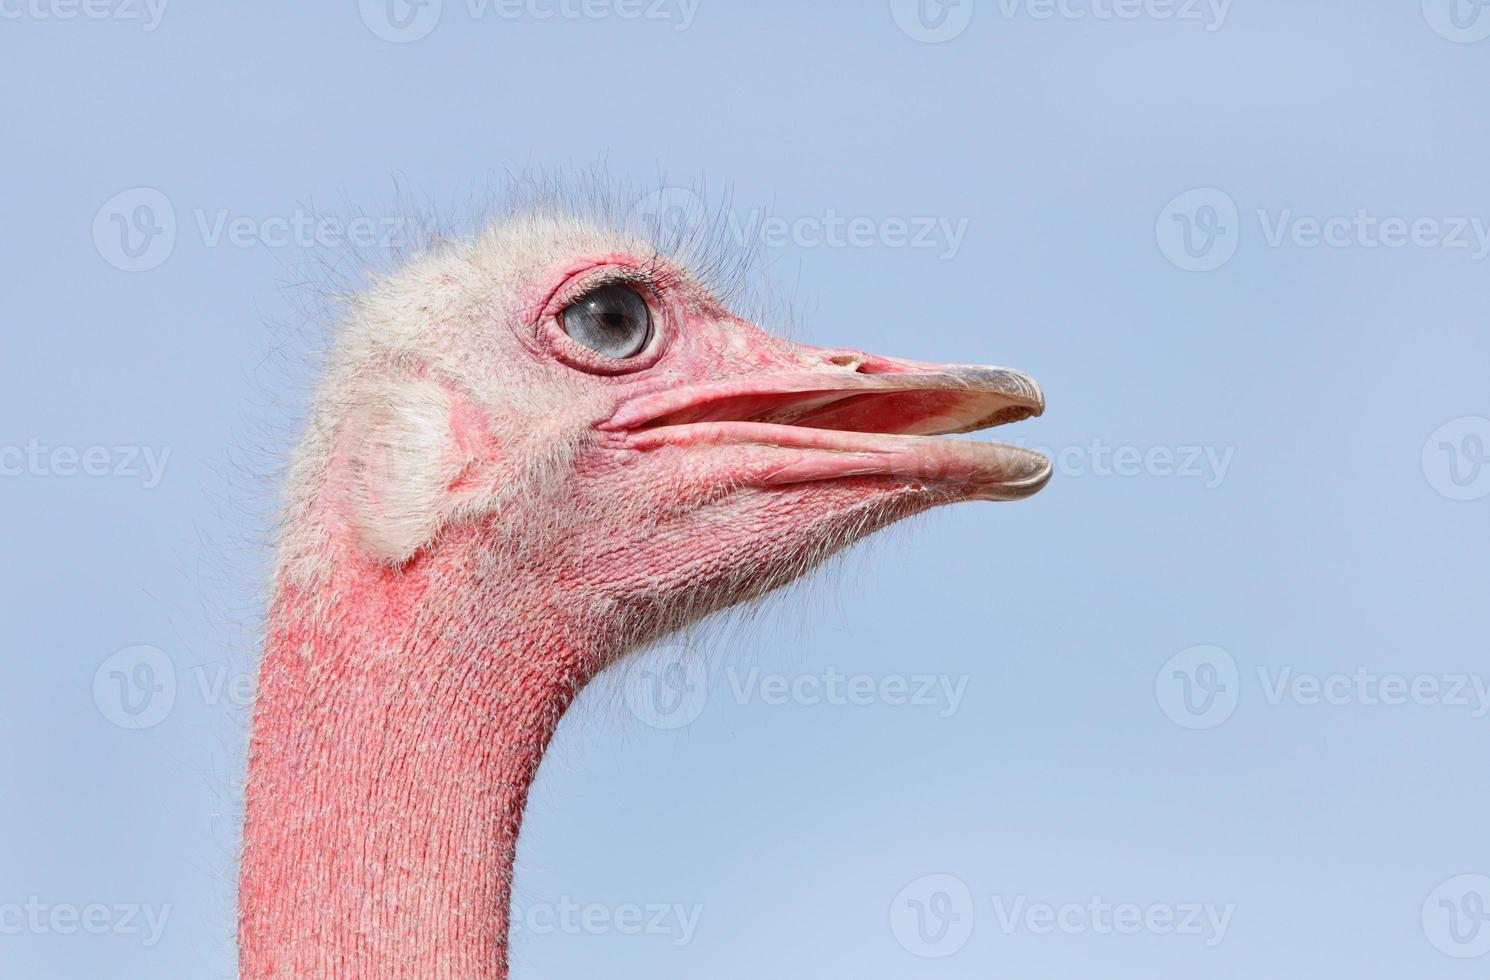 vista lateral do avestruz rosto vermelho foto